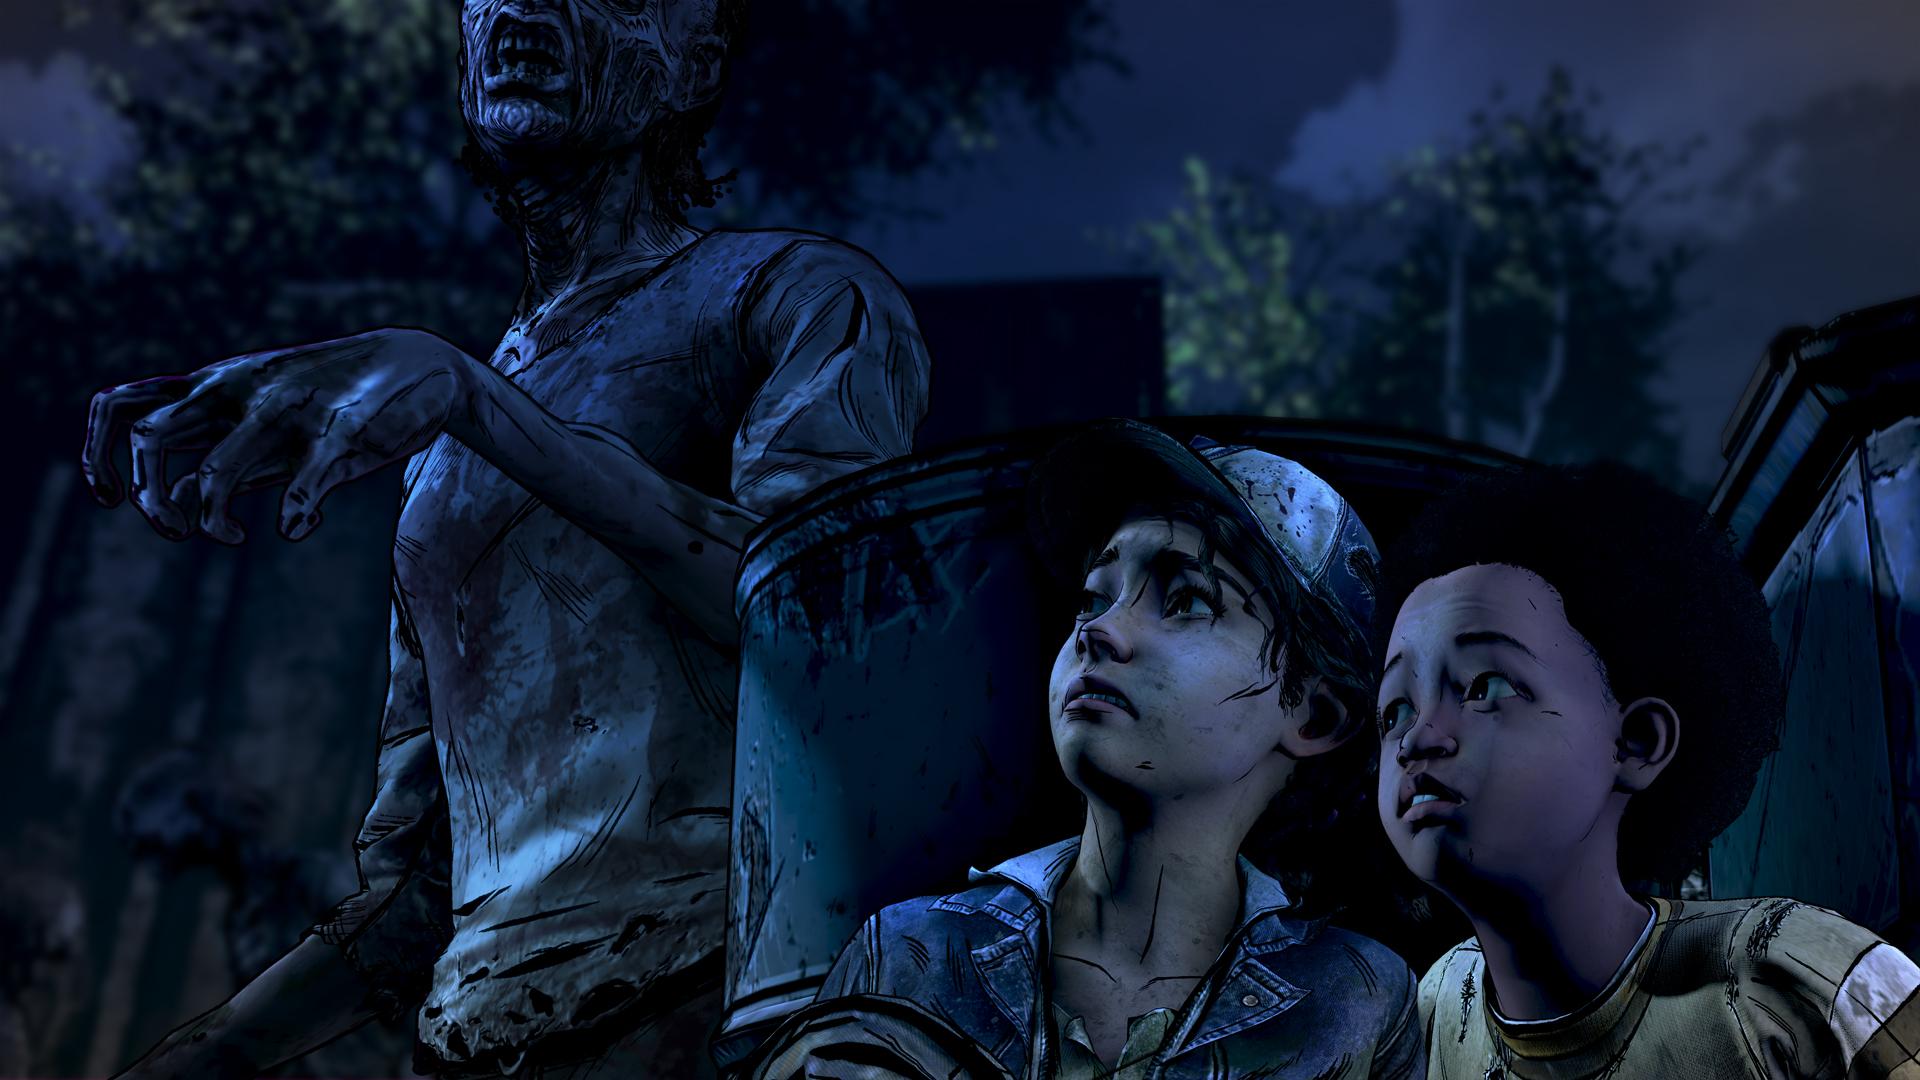 The Walking Dead: The Final Season - Clem & AJ